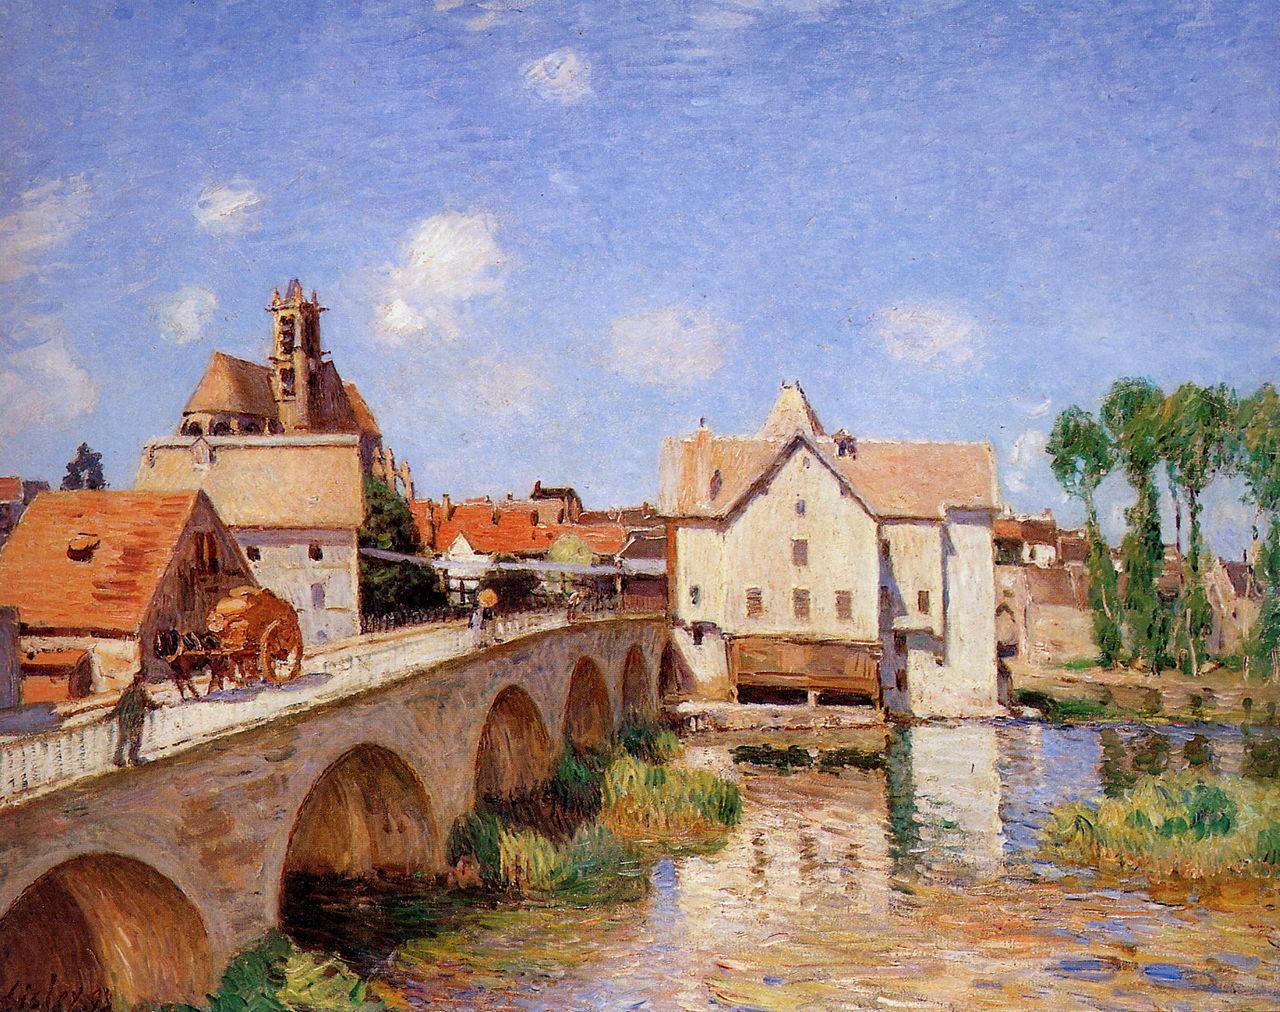 《莫瑞桥》